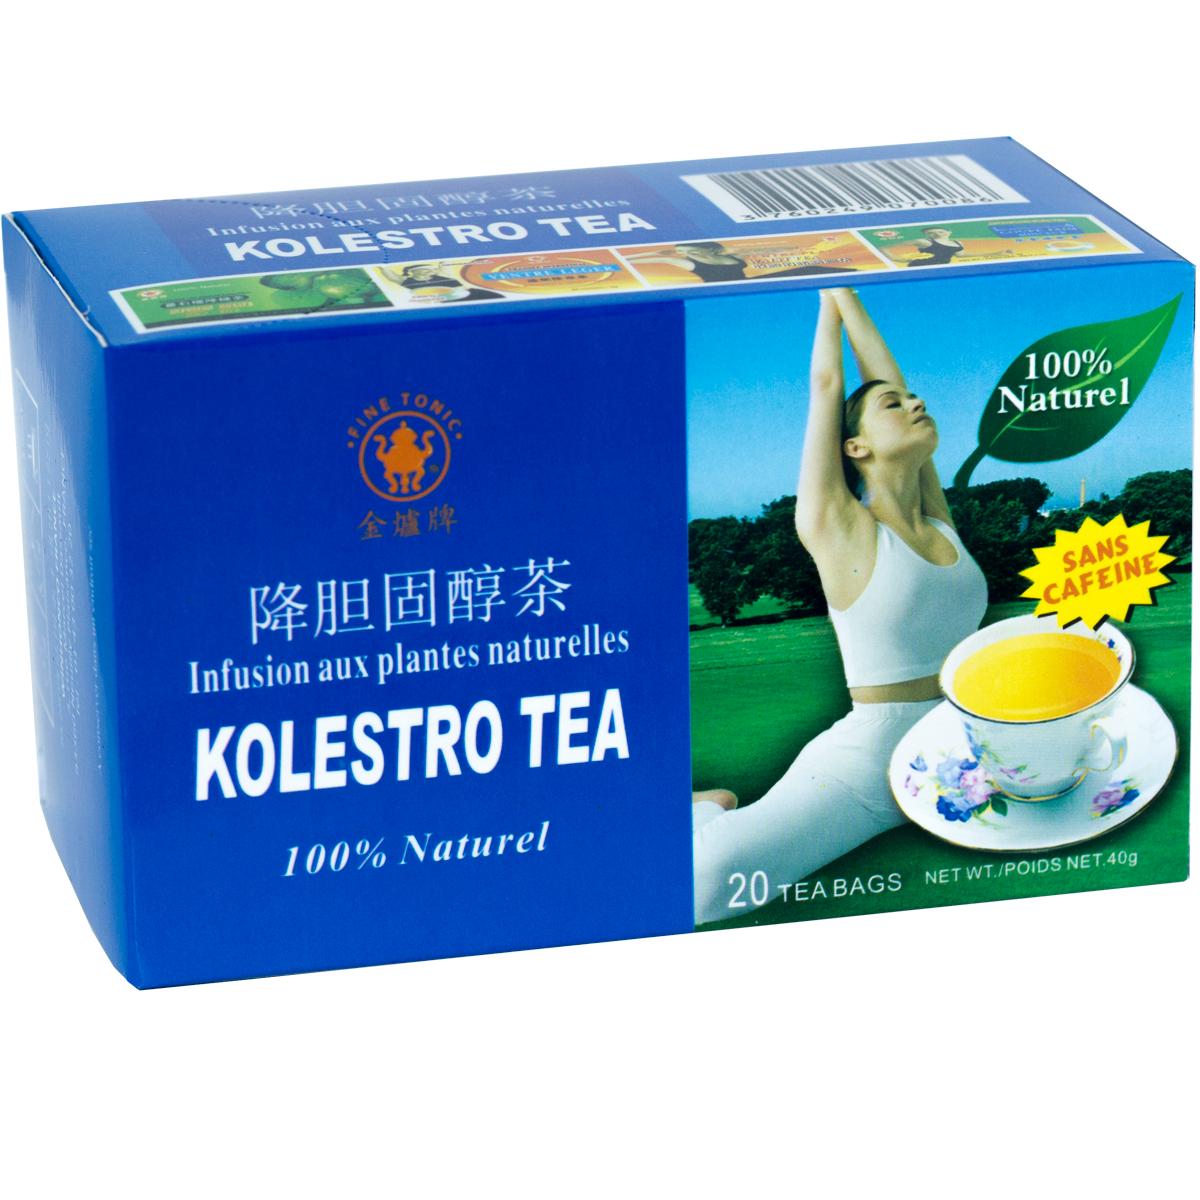 Kolestro Tea Image